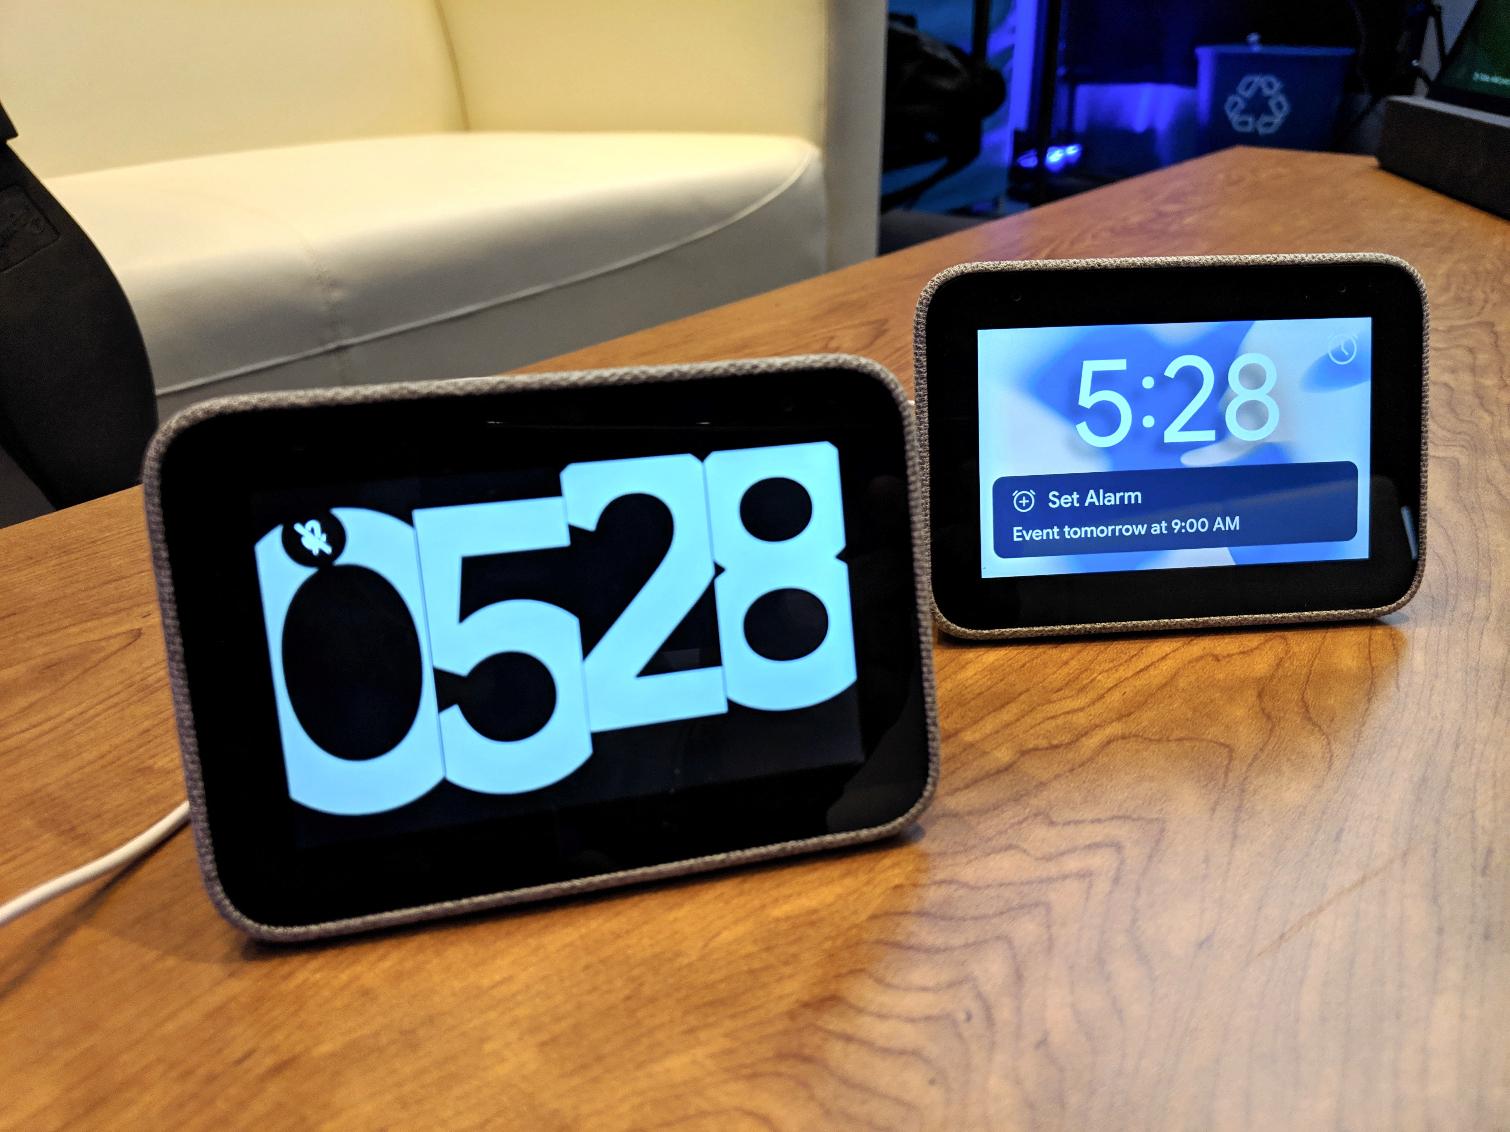 Prime Day Preview: Lenovo Smart Alarm Clock Just $59 | Tom's Guide